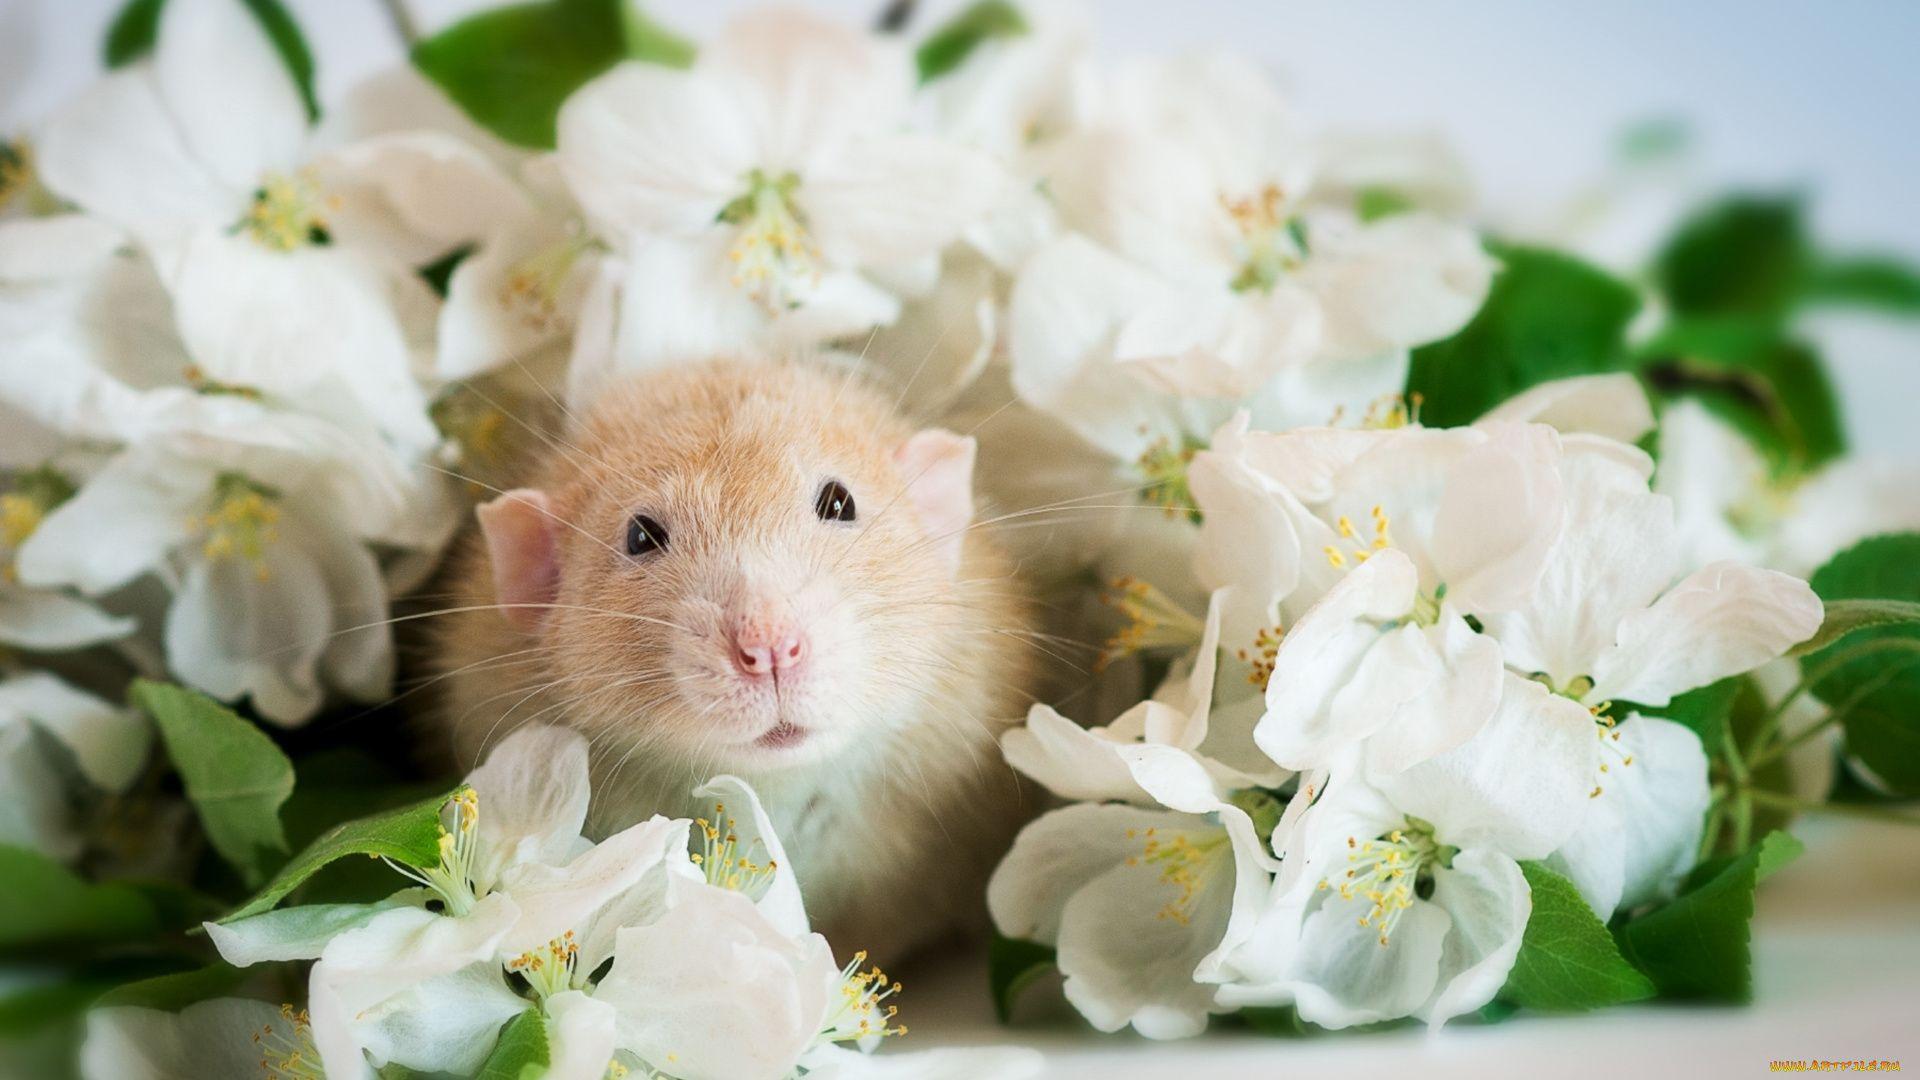 White Metal Rat background wallpaper